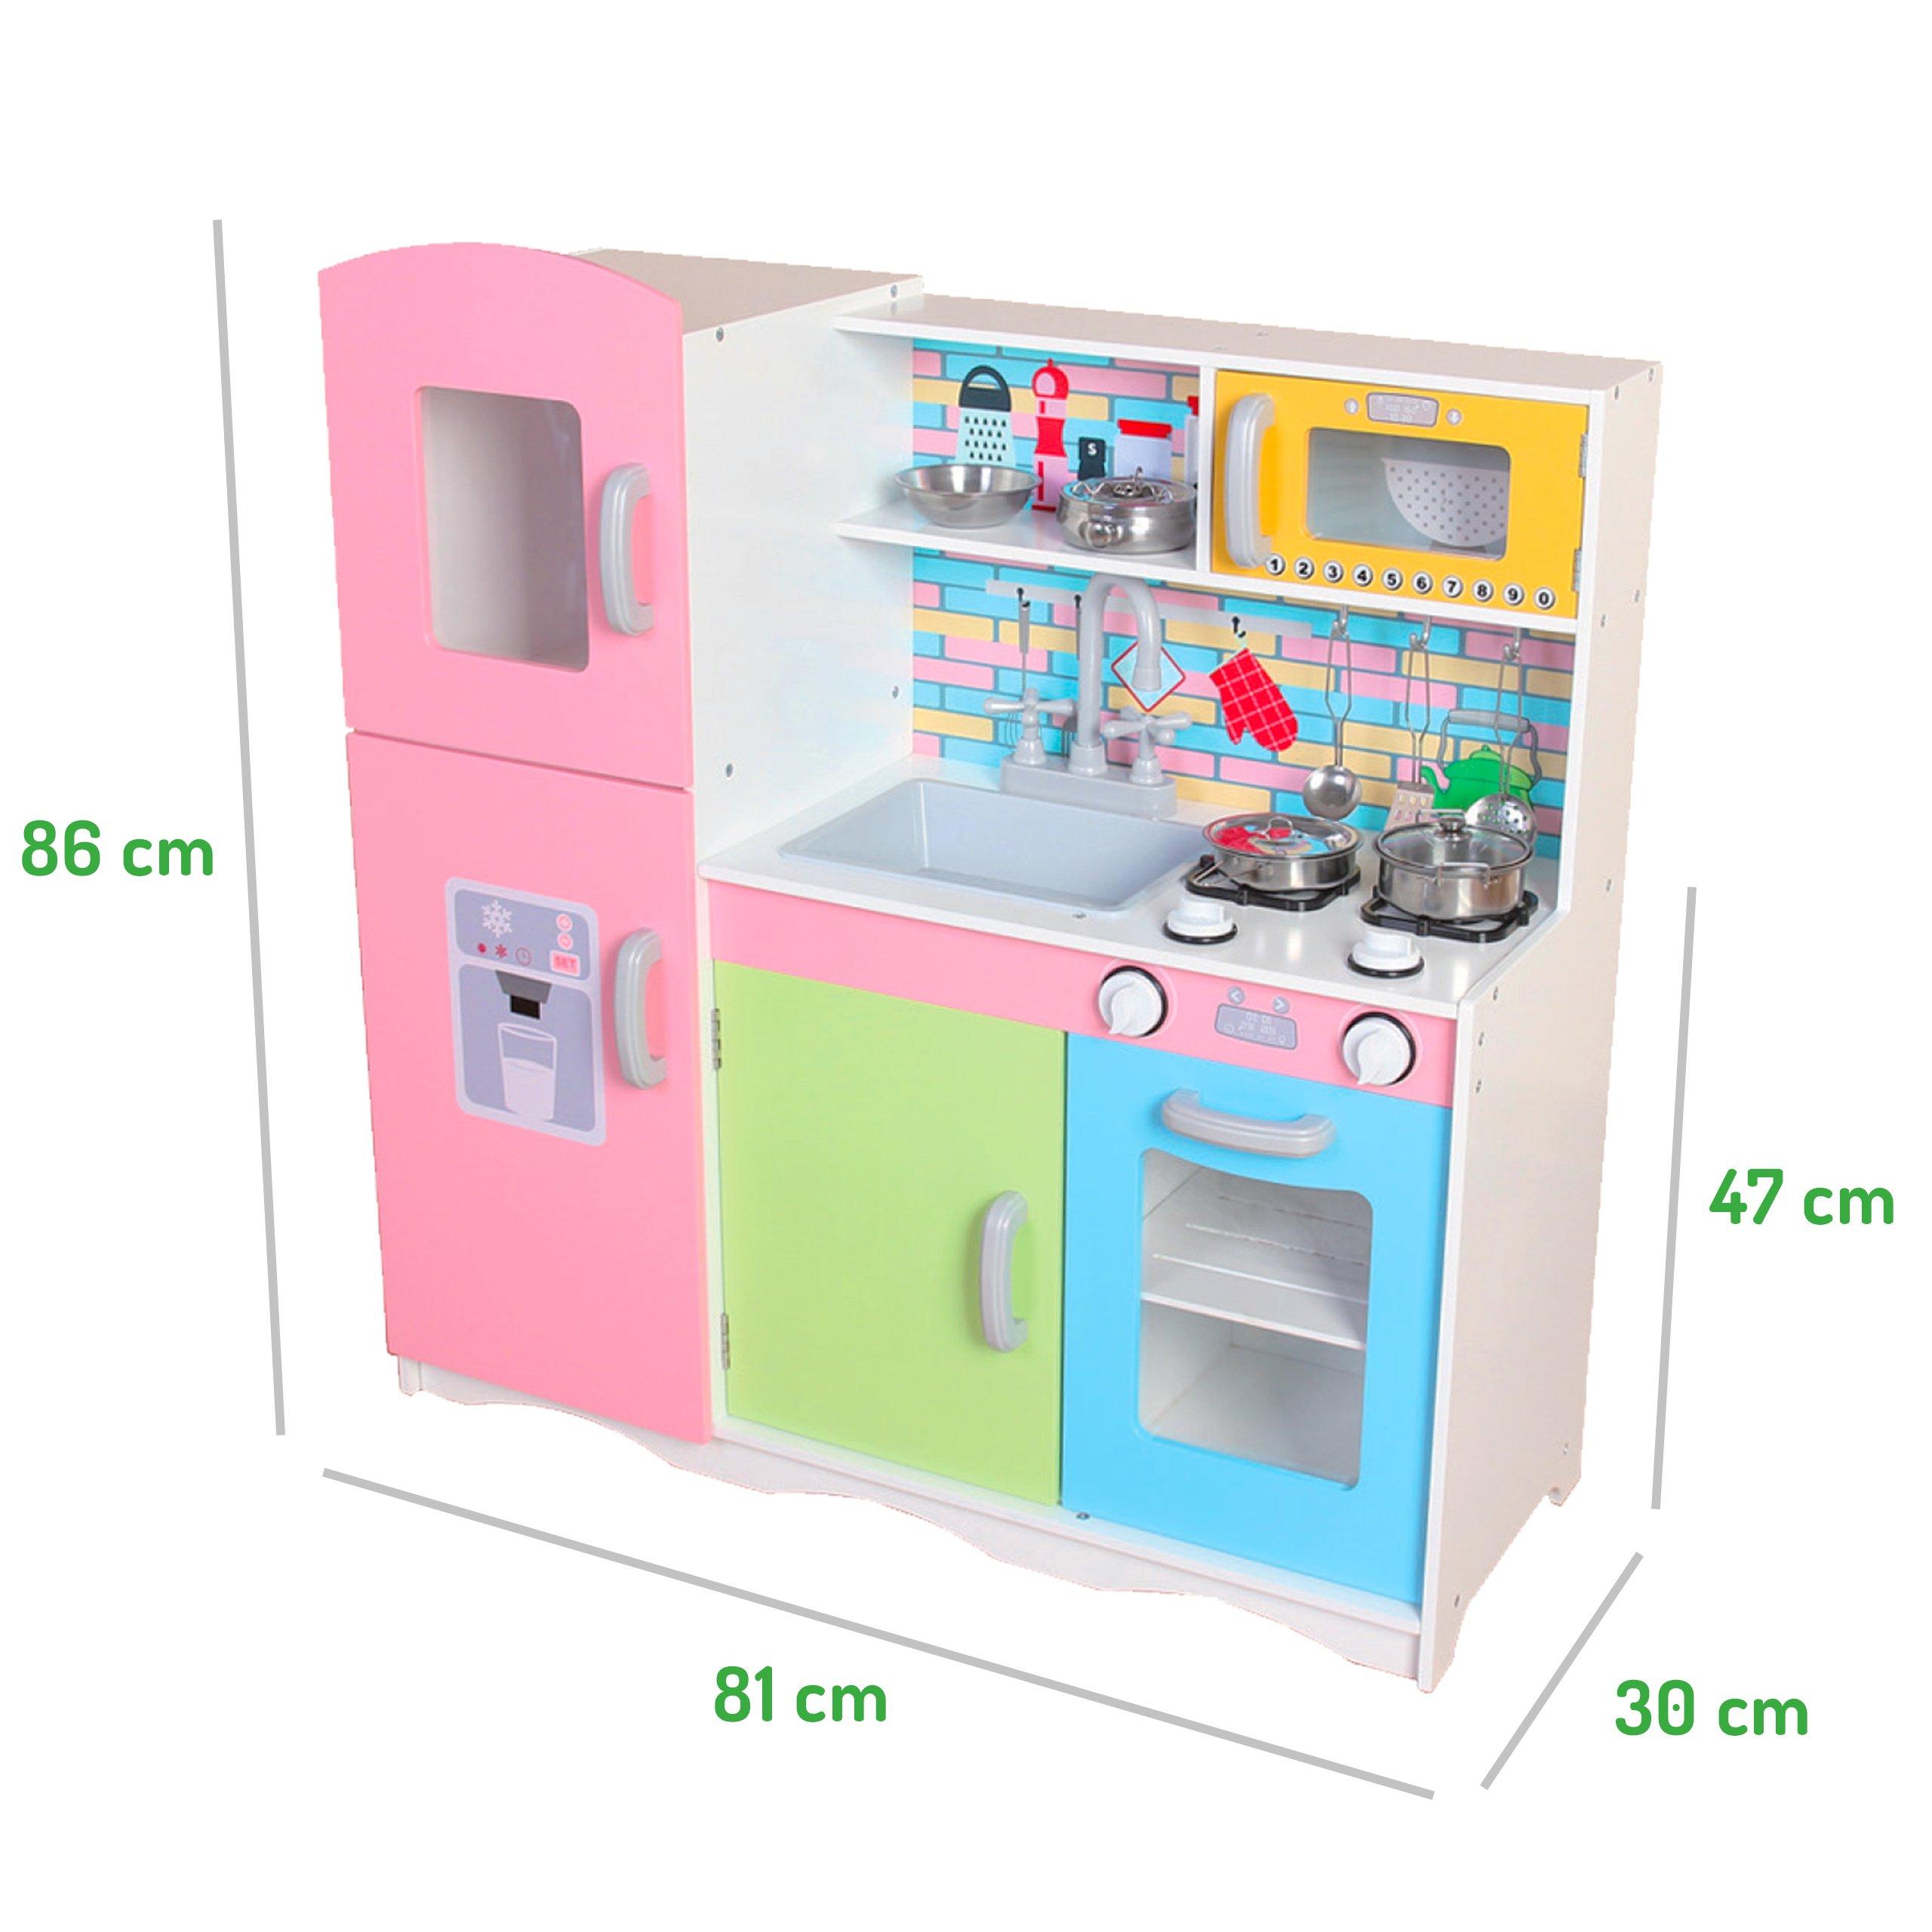 Ecotoys Drewniana Kuchnia Dla Dzieci Z Wyposażeniem